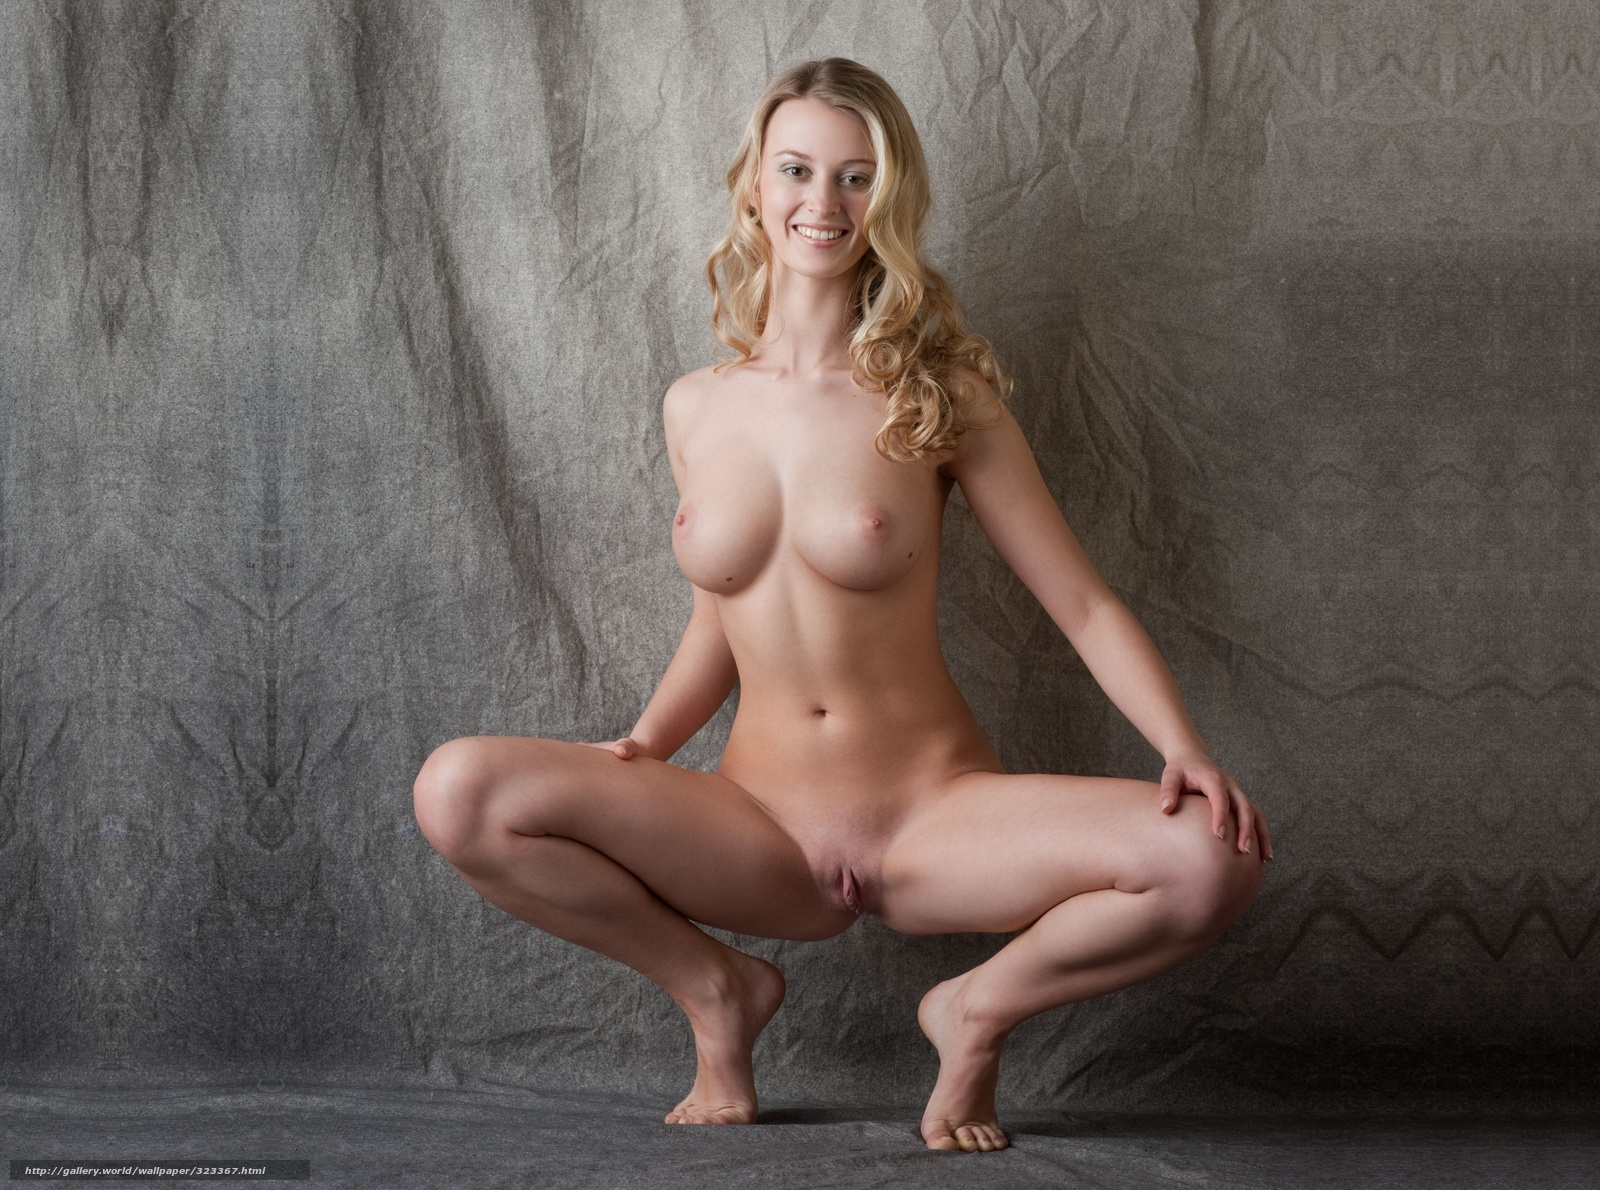 blondinka-bez-trusov-fotosessiya